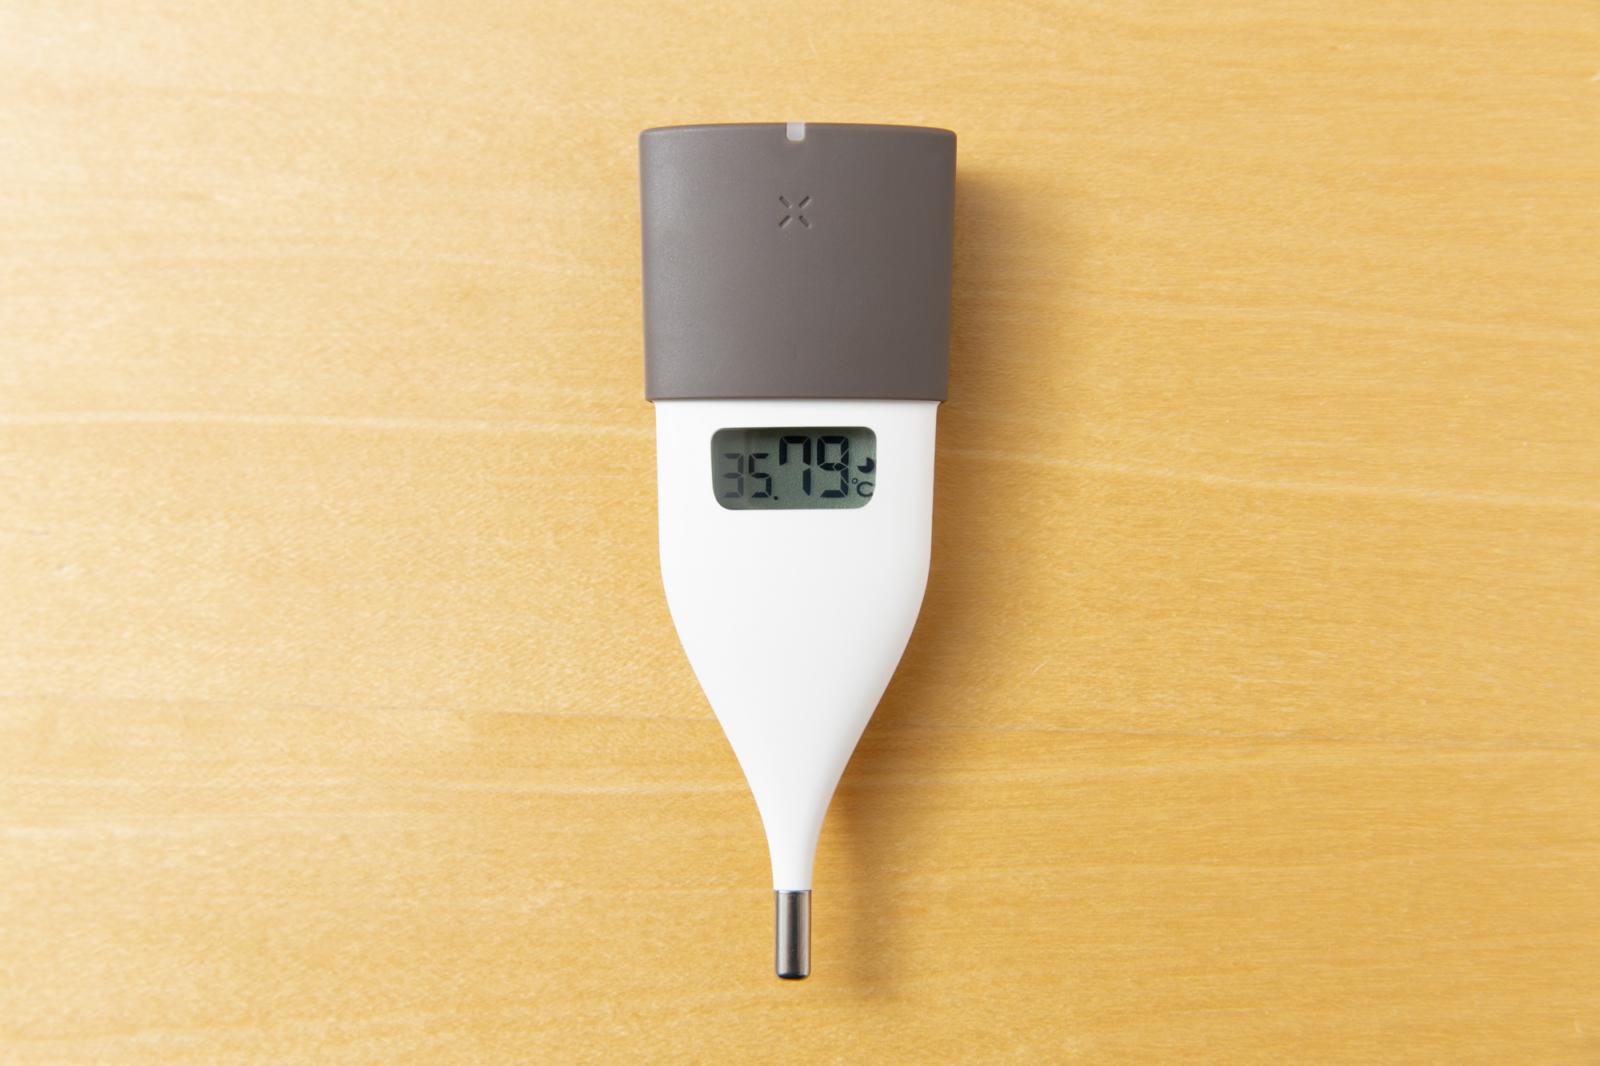 体温計 と の 違い 体温計 普通 婦人 の